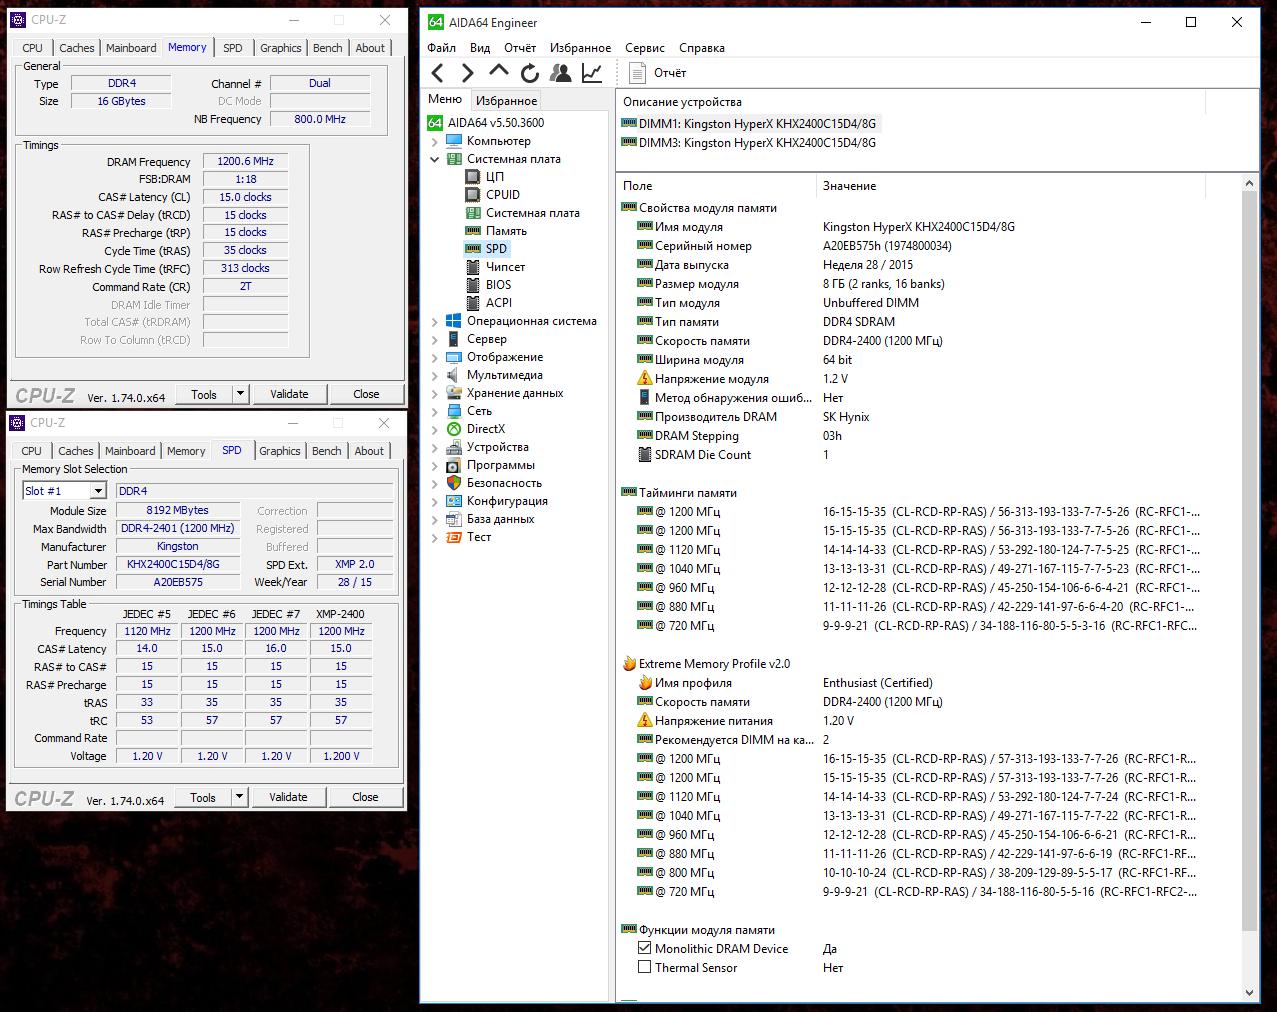 Обзор комплекта оперативной памяти HyperX Fury DDR4-2400 16 Gb (2*8 Gb) - 3